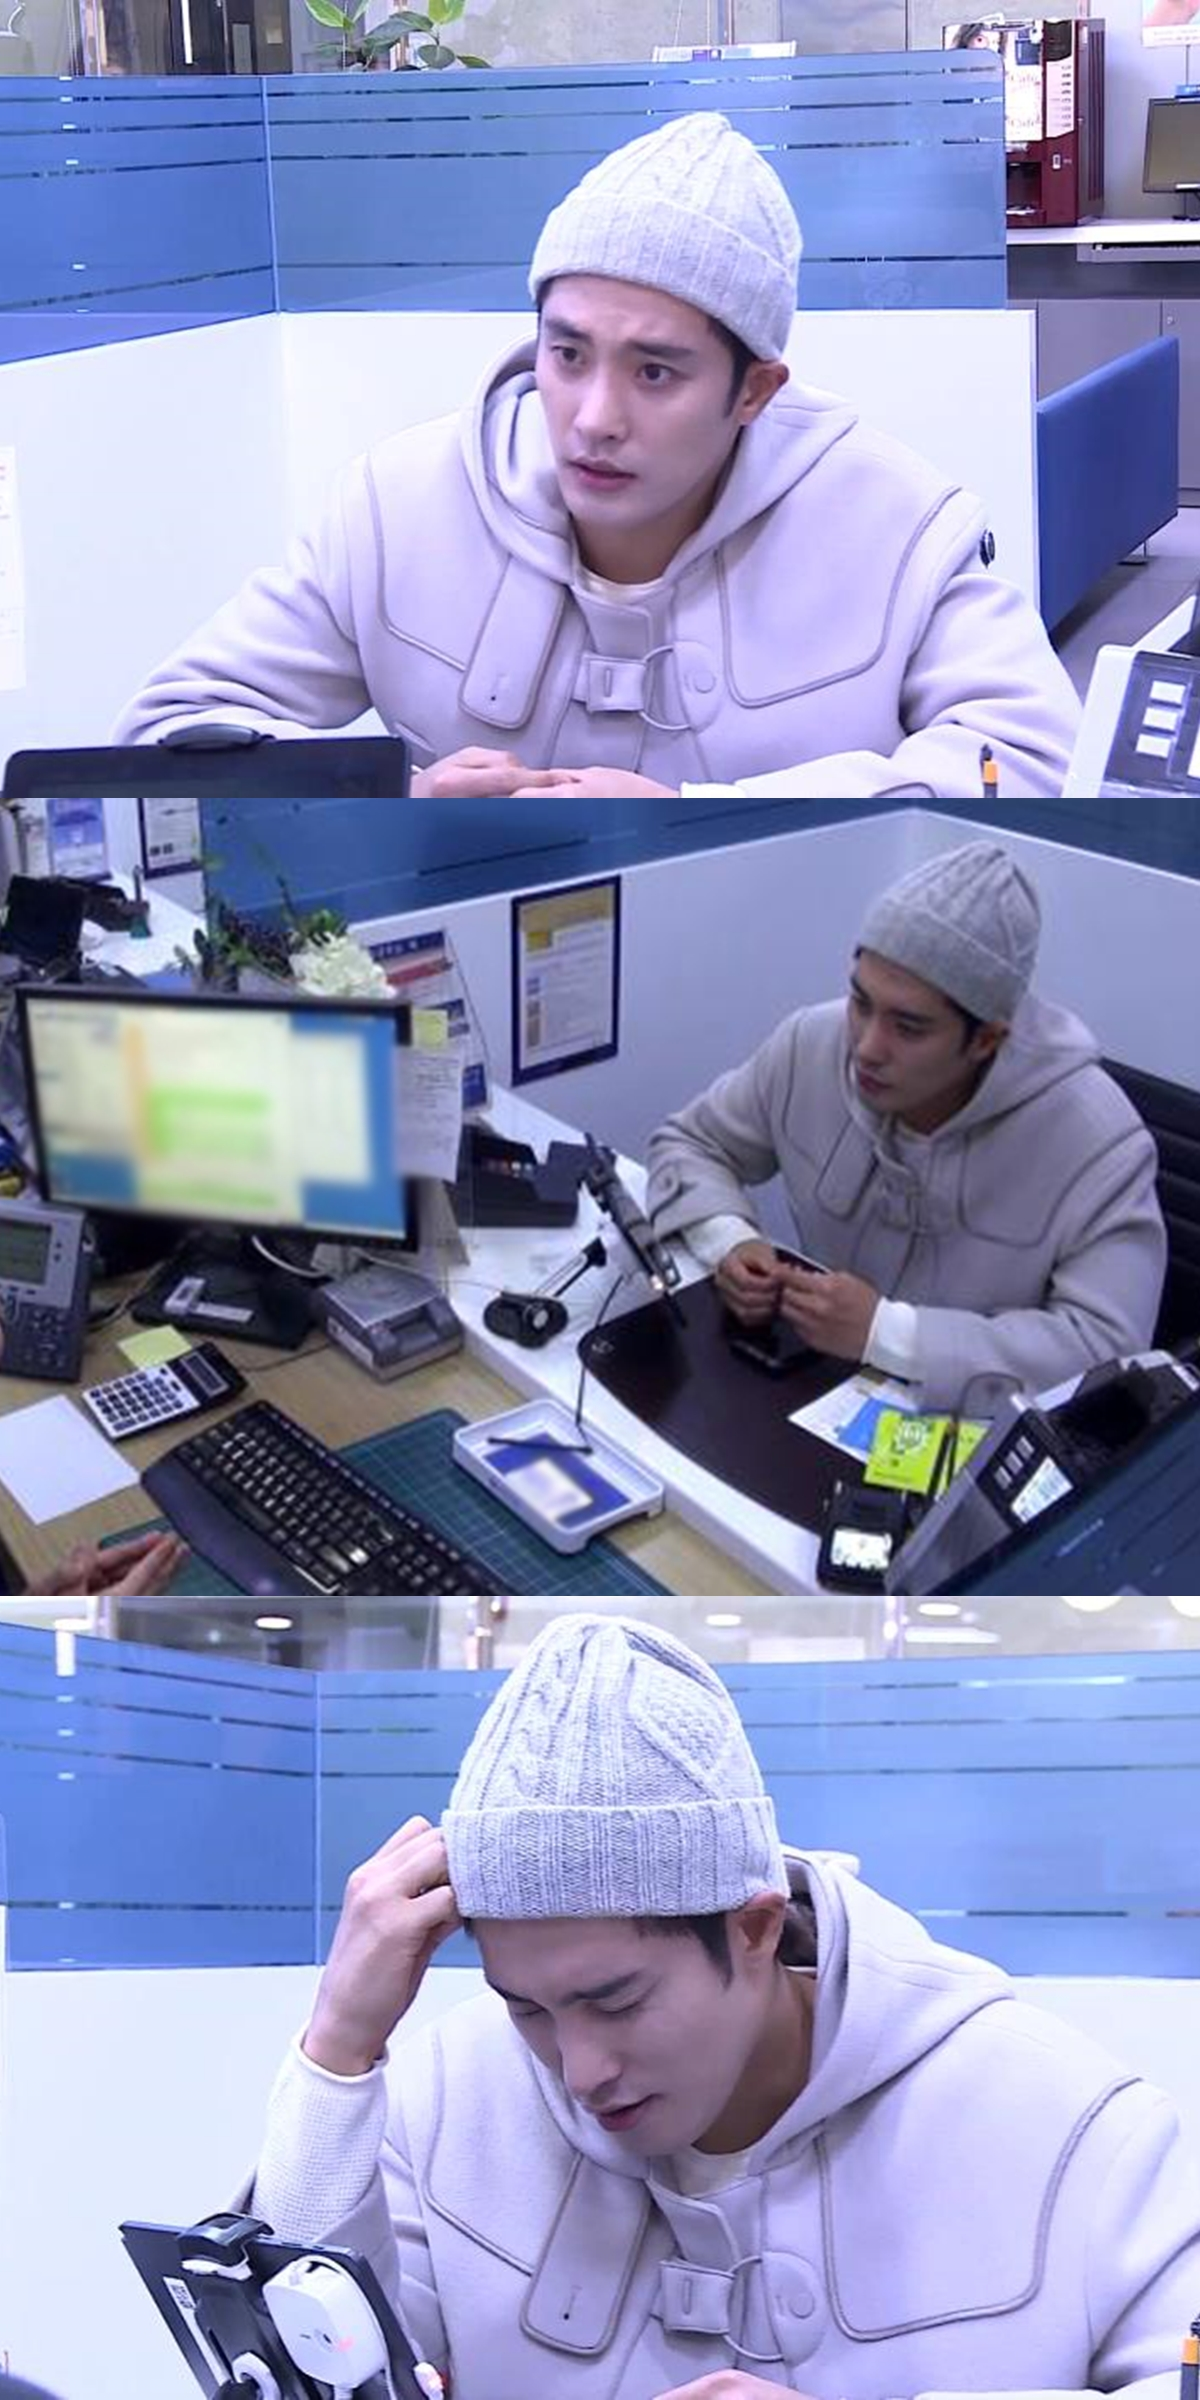 '나 혼자 산다' 성훈의 눈물없이 볼 수 없는 인터넷 뱅킹 도전기 (feat. ARS 전국민 잔액확인은 이제 끝?)